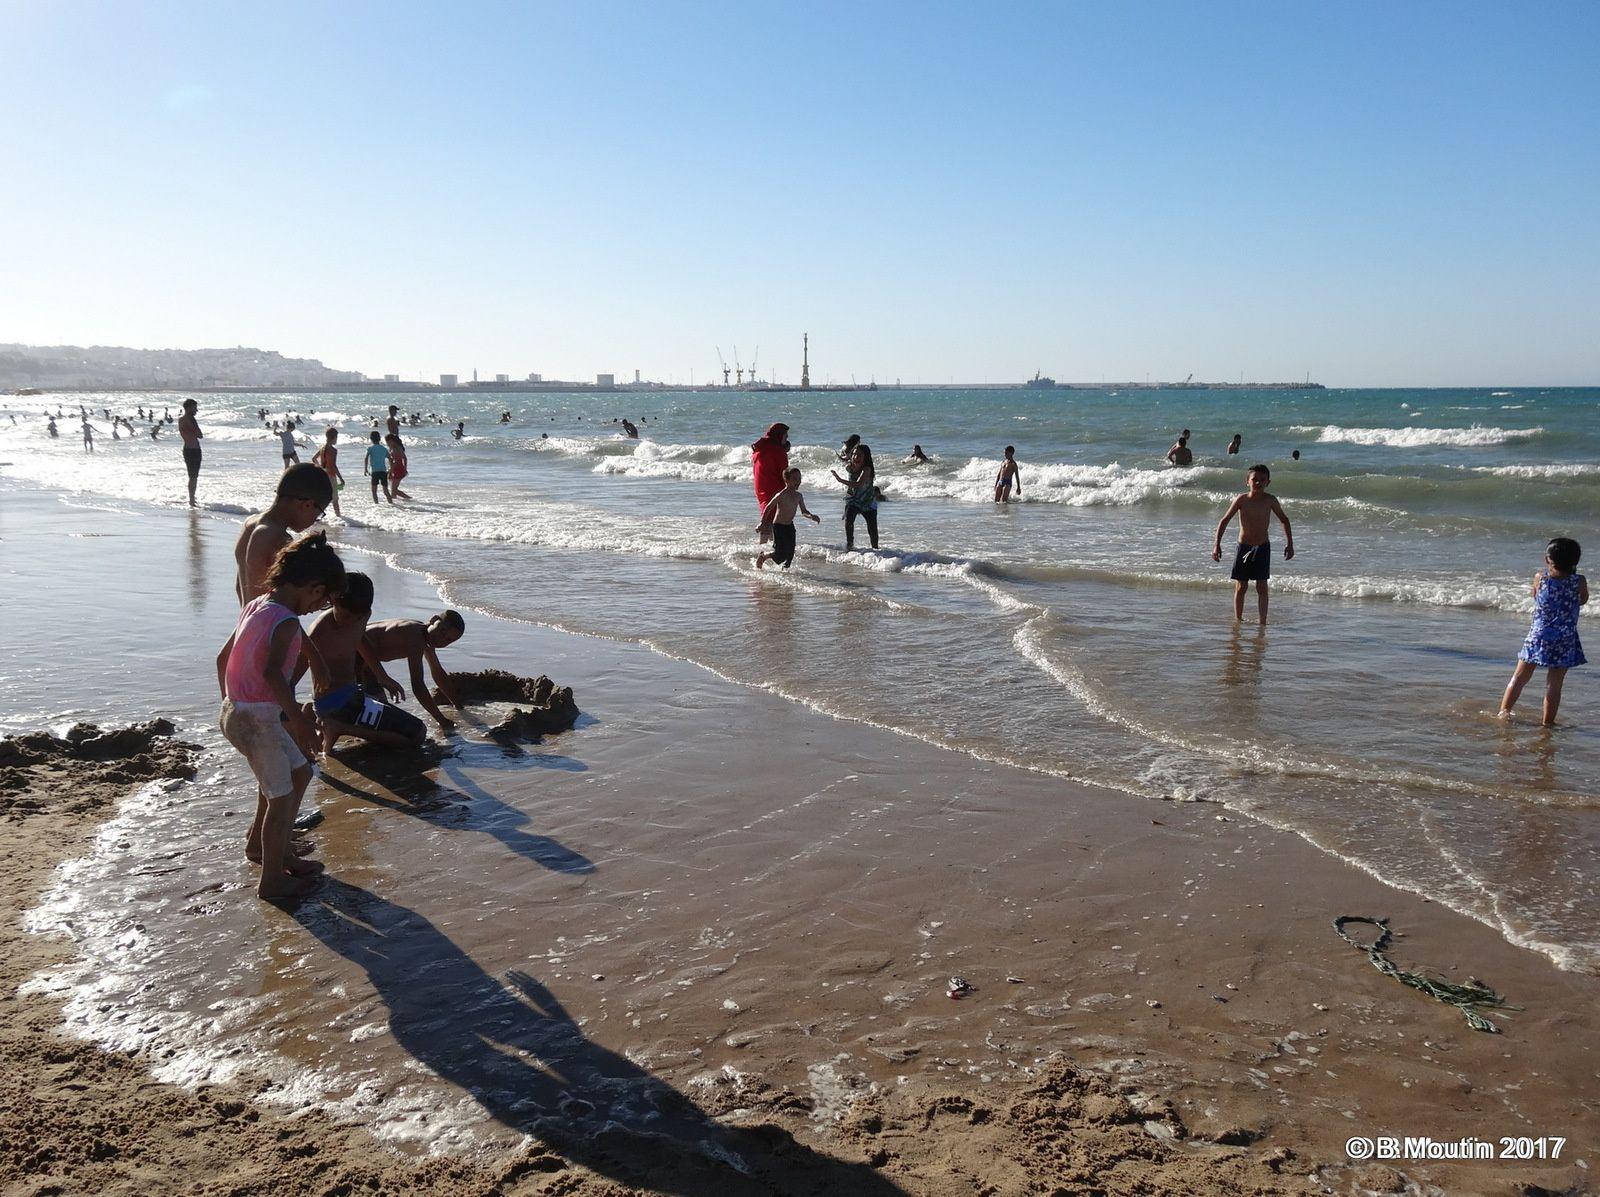 La fréquentation de la Plage de Tanger ville le samedi 1° juillet 2017 (5 photos à cliquer)